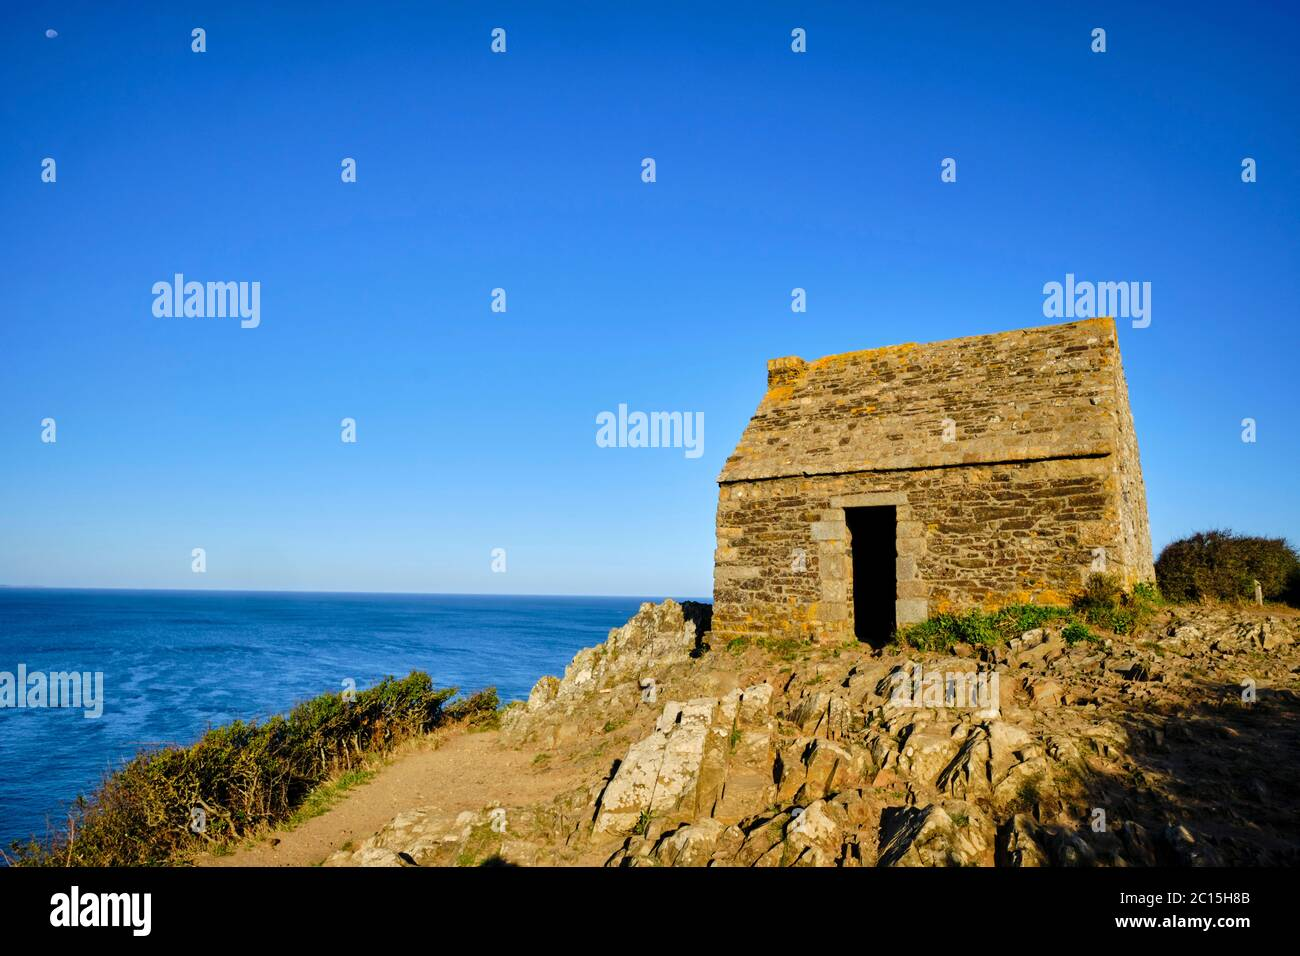 Francia, Normandía, departamento de la Mancha, Cotentin, Mont-Saint-Michel Bay, Carolles, Champeaux acantilado, Vauban cabaña Foto de stock